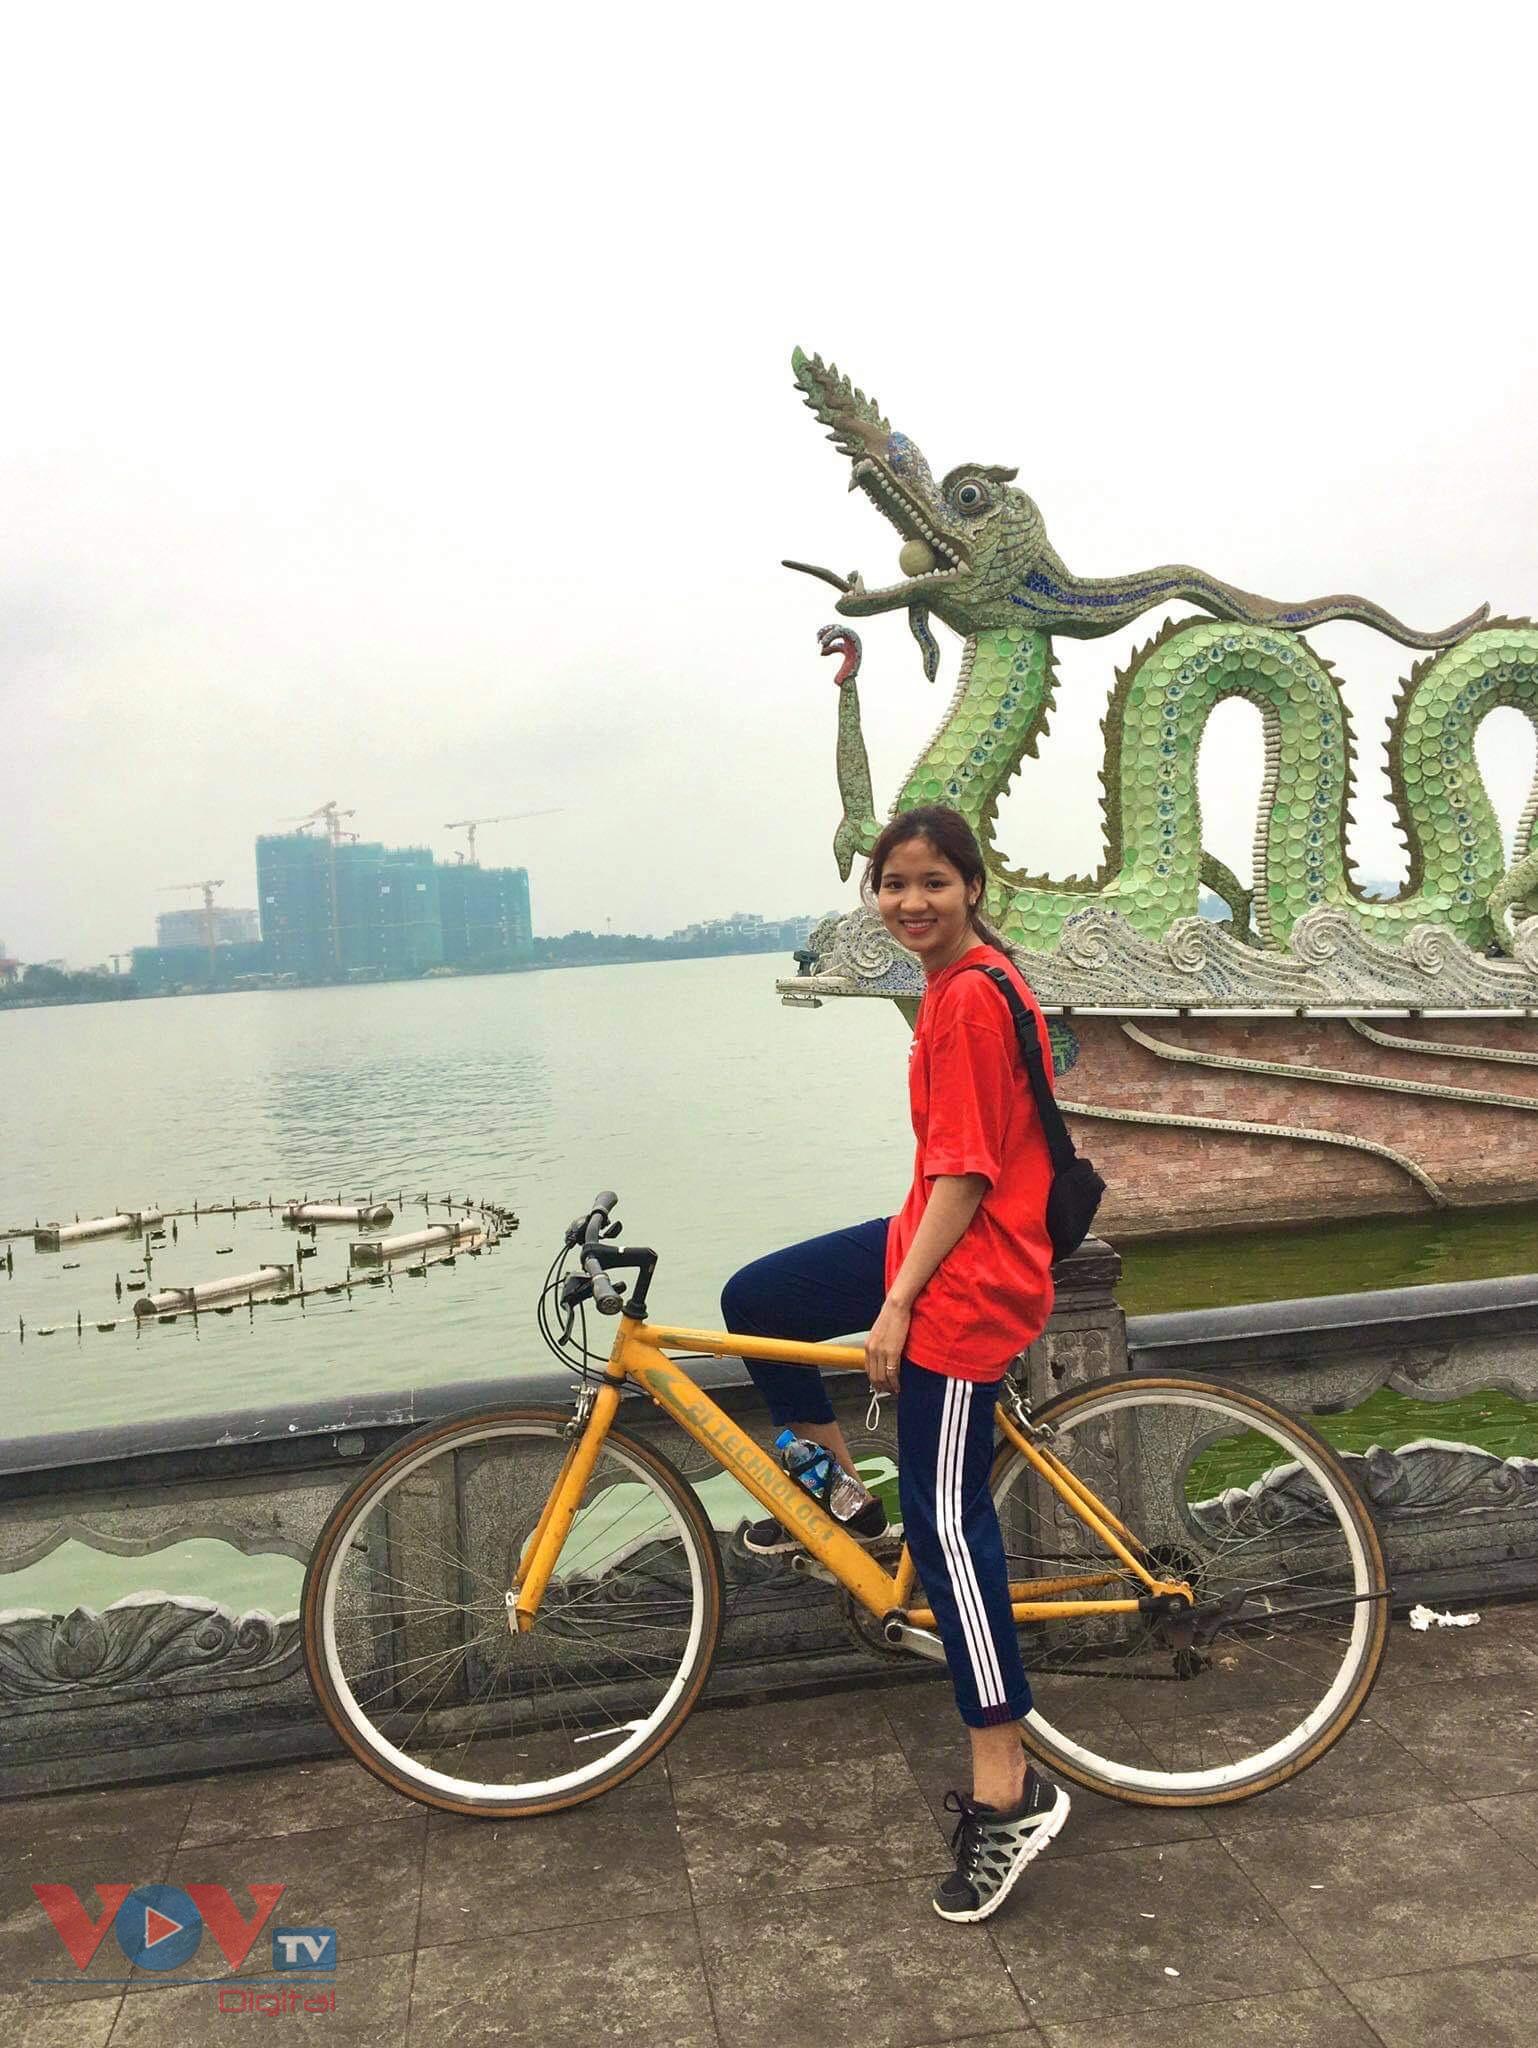 Trào lưu đạp xe hồ Tây thu hút các bạn trẻ - Ảnh 6.